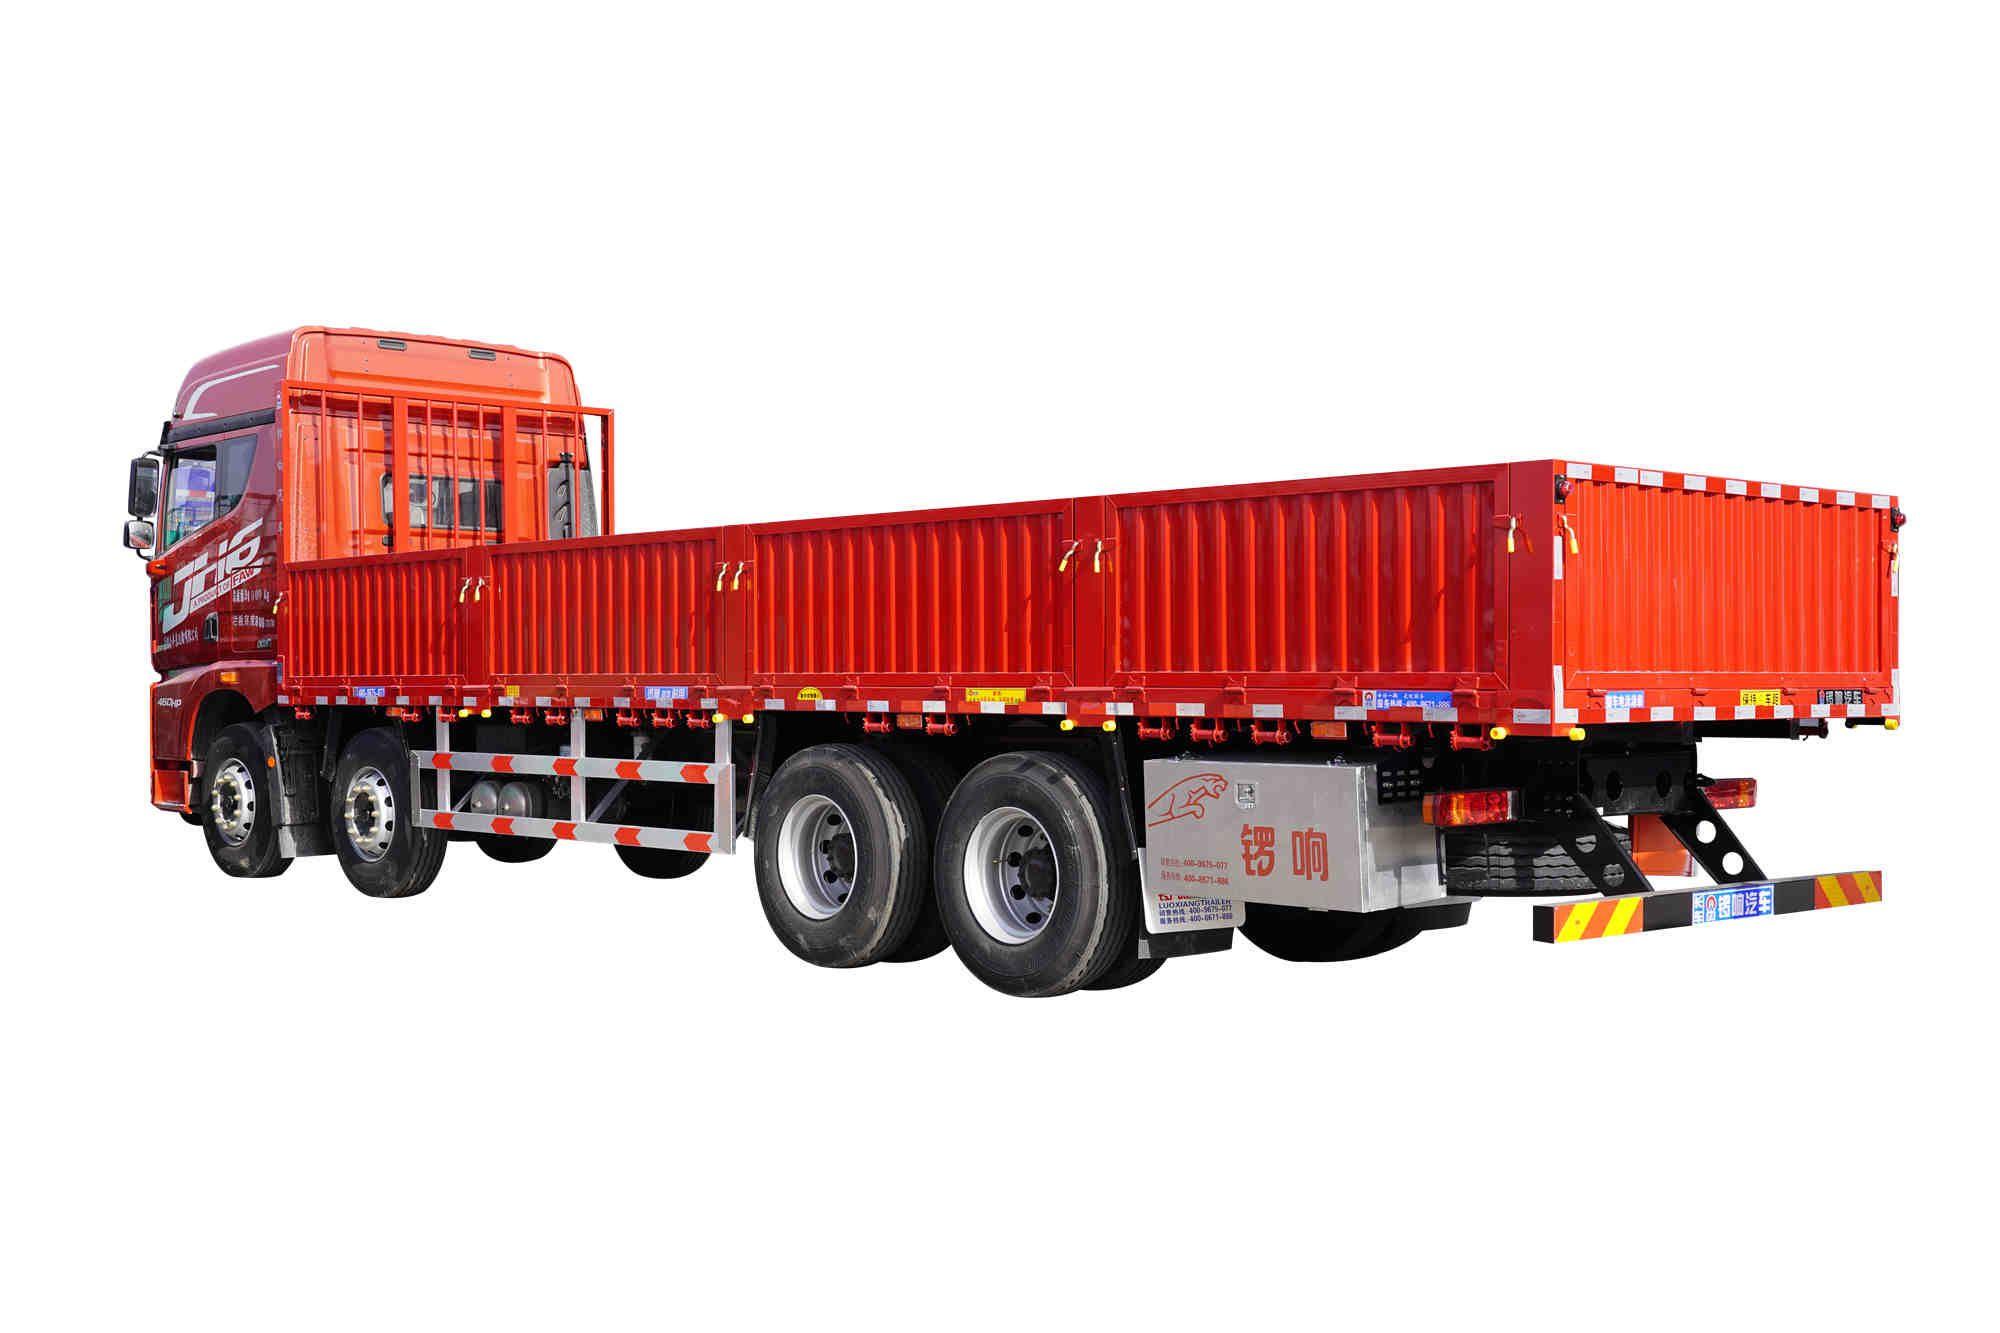 鑼響輕型半掛車 欄板式載貨車 物流運輸車 鋁合金輪胎